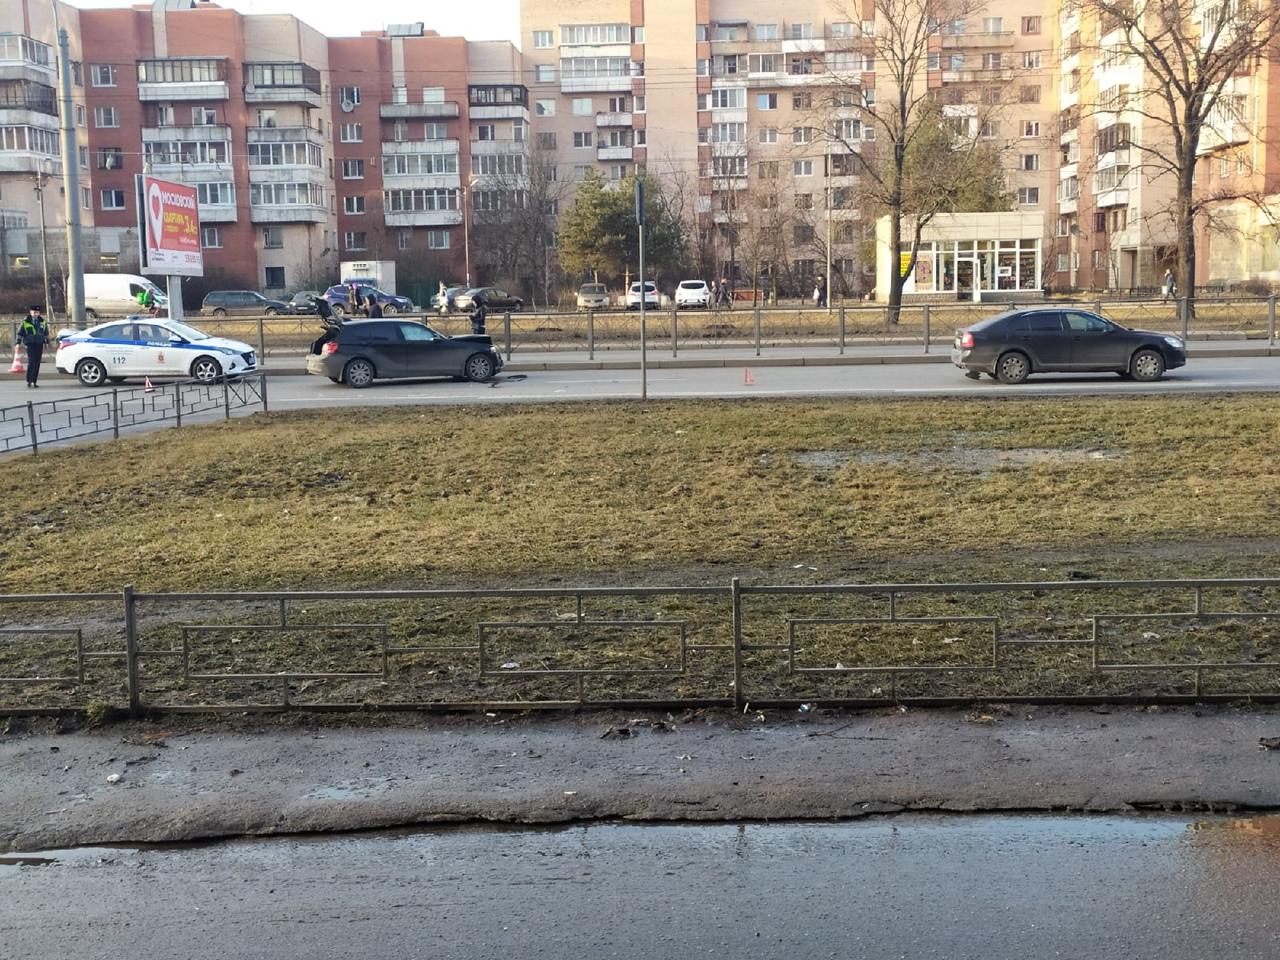 При выезде со двора Ленинский проспект 117, один не уступил дорогу, второй мчал. Пробки не будет